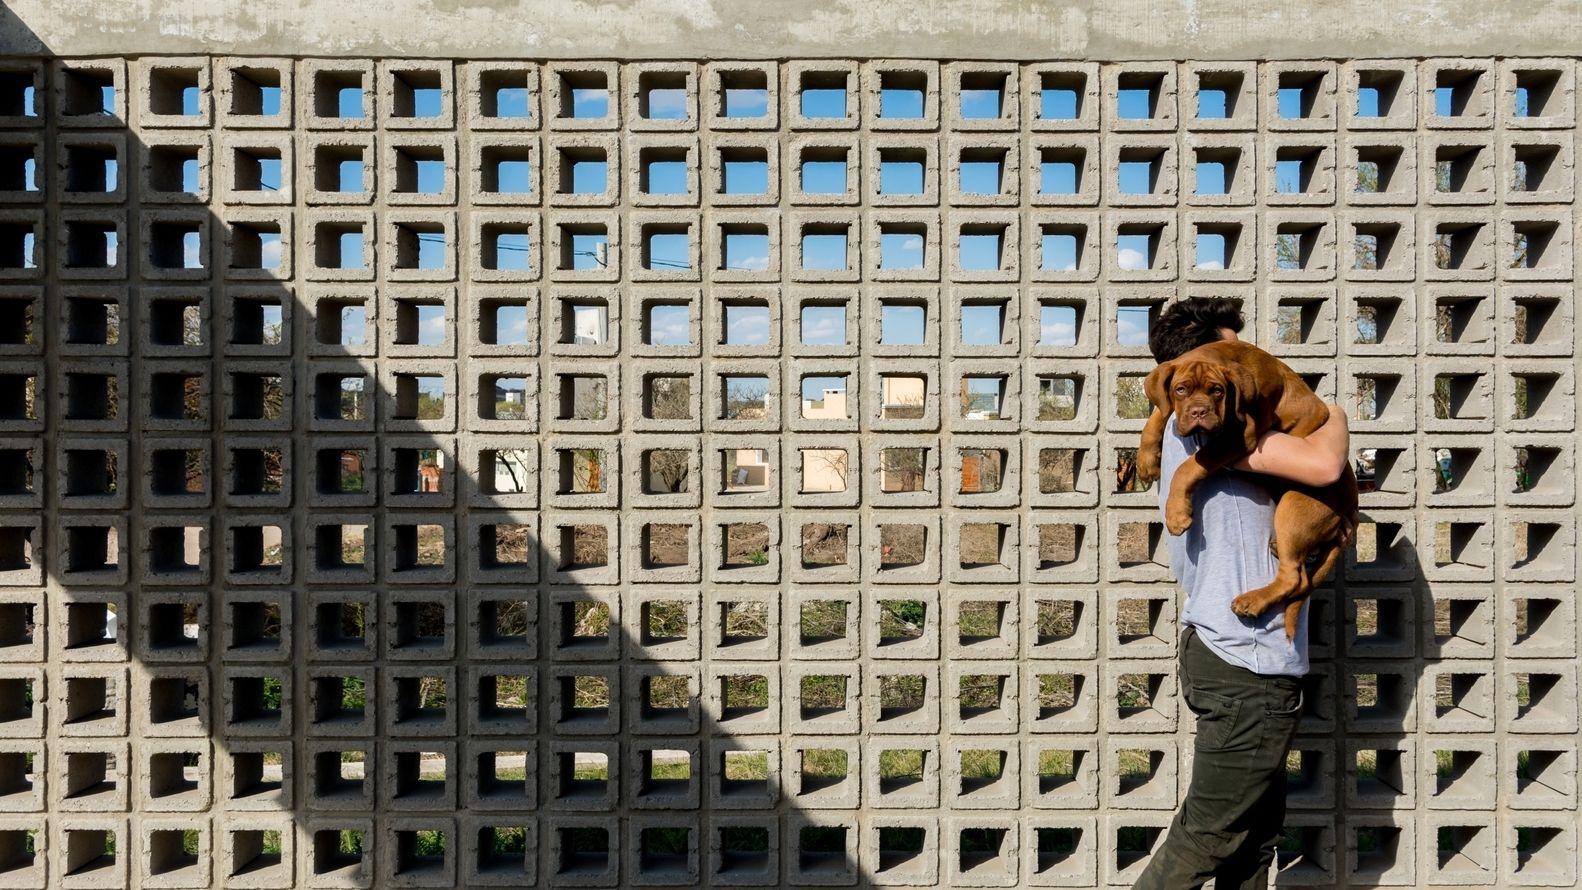 28e553aff51af569c2a371527ecdc2a8 - The Terraces At San Joaquin Gardens Cost